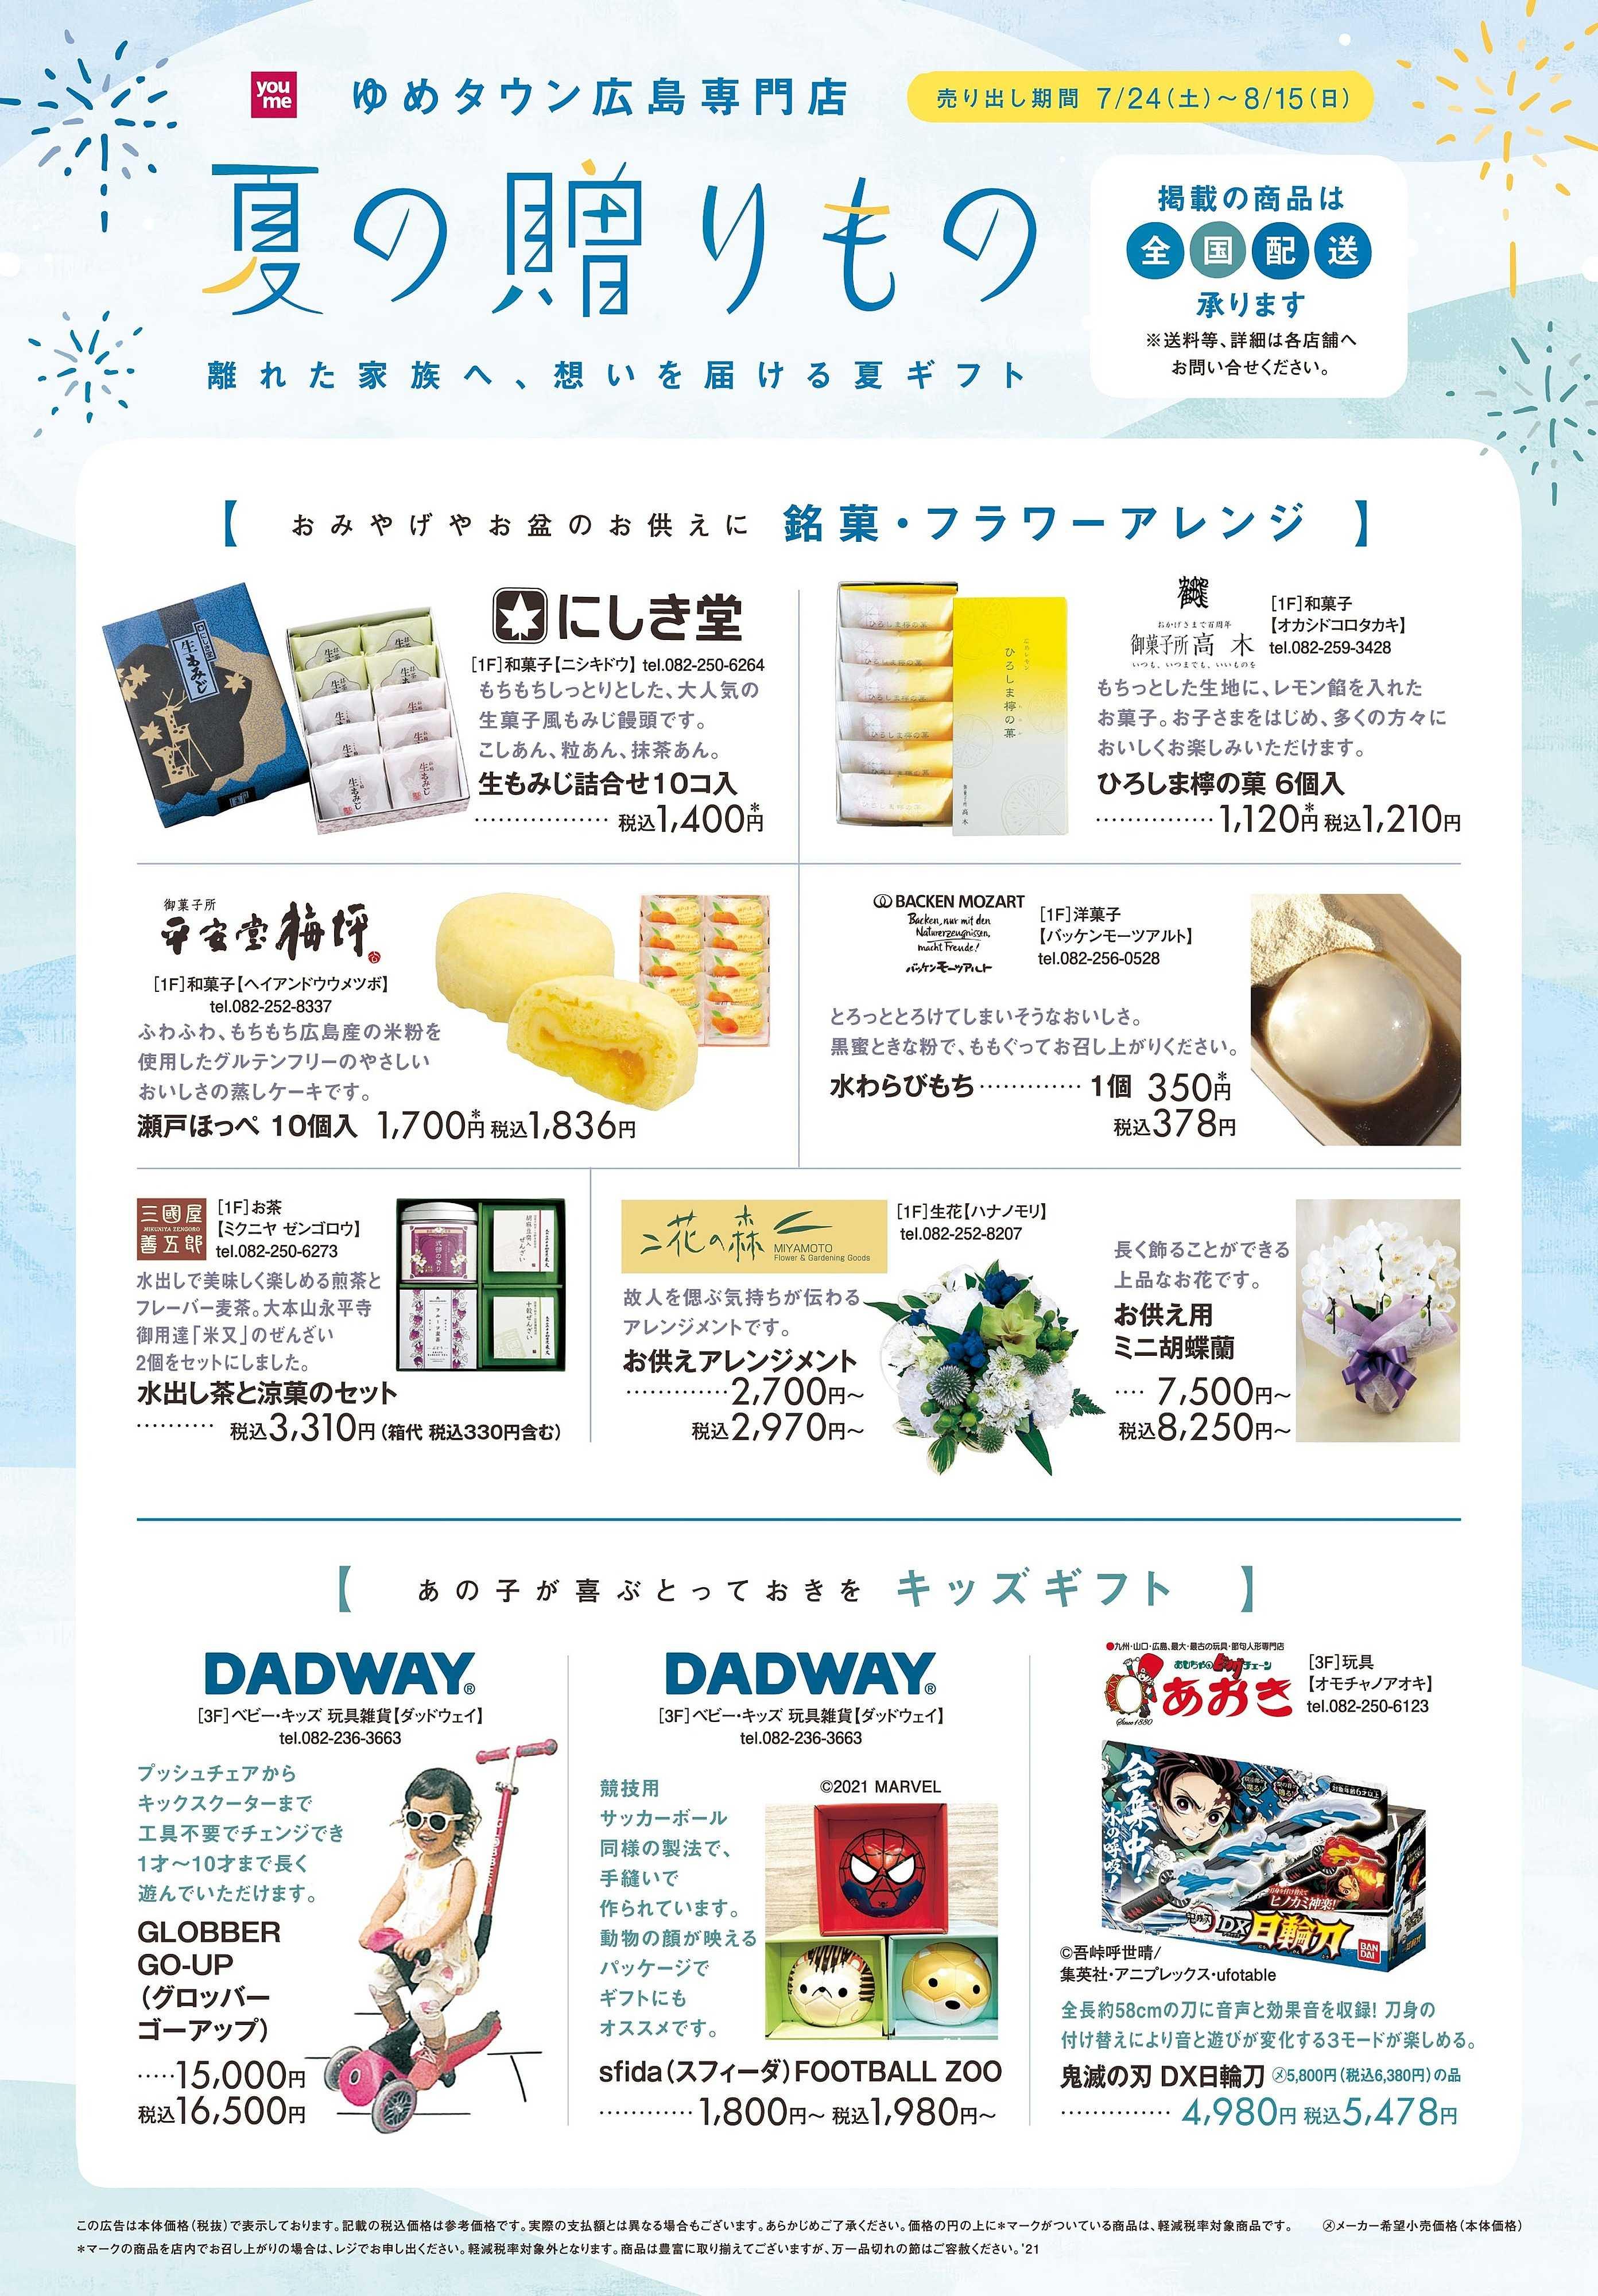 ゆめタウン 7/24(土)-8/15(日)